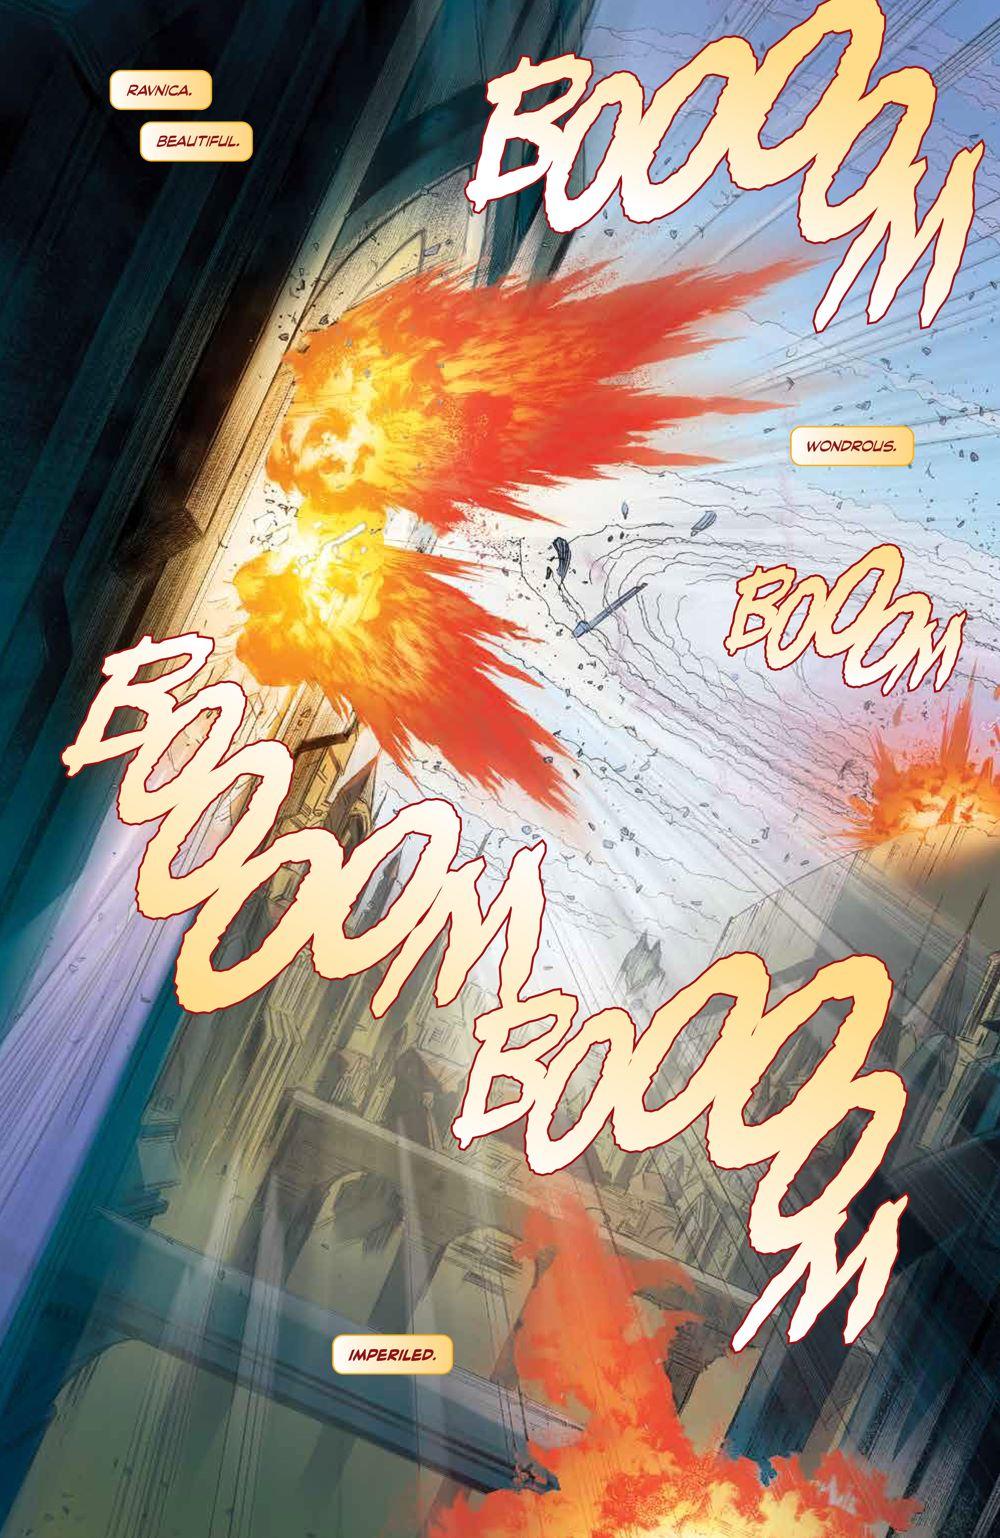 Magic_001_PRESS_8 ComicList Previews: MAGIC #1